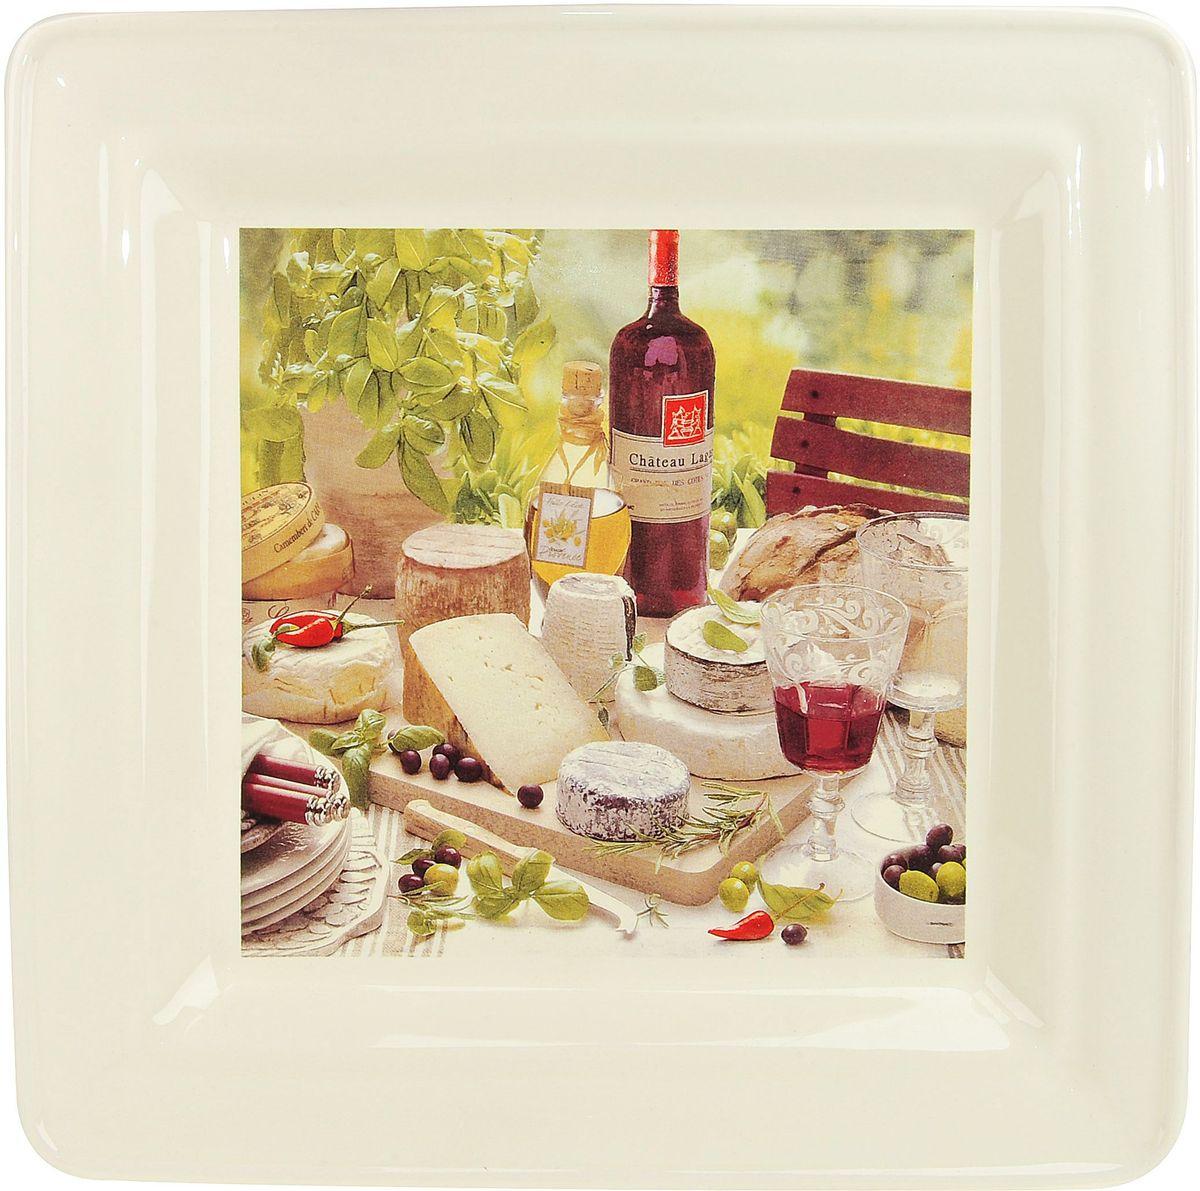 Тарелка ENS Group Тоскана, квадратная, 29 х 29 см0910026Тарелка Тоскана, изготовленная из высококачественного доломита, предназначена для красивой подачи различных блюд. Изделие декорировано красочным рисунком и имеет изысканный внешний вид. Такая тарелка украсит сервировку стола и подчеркнет прекрасный вкус хозяйки.